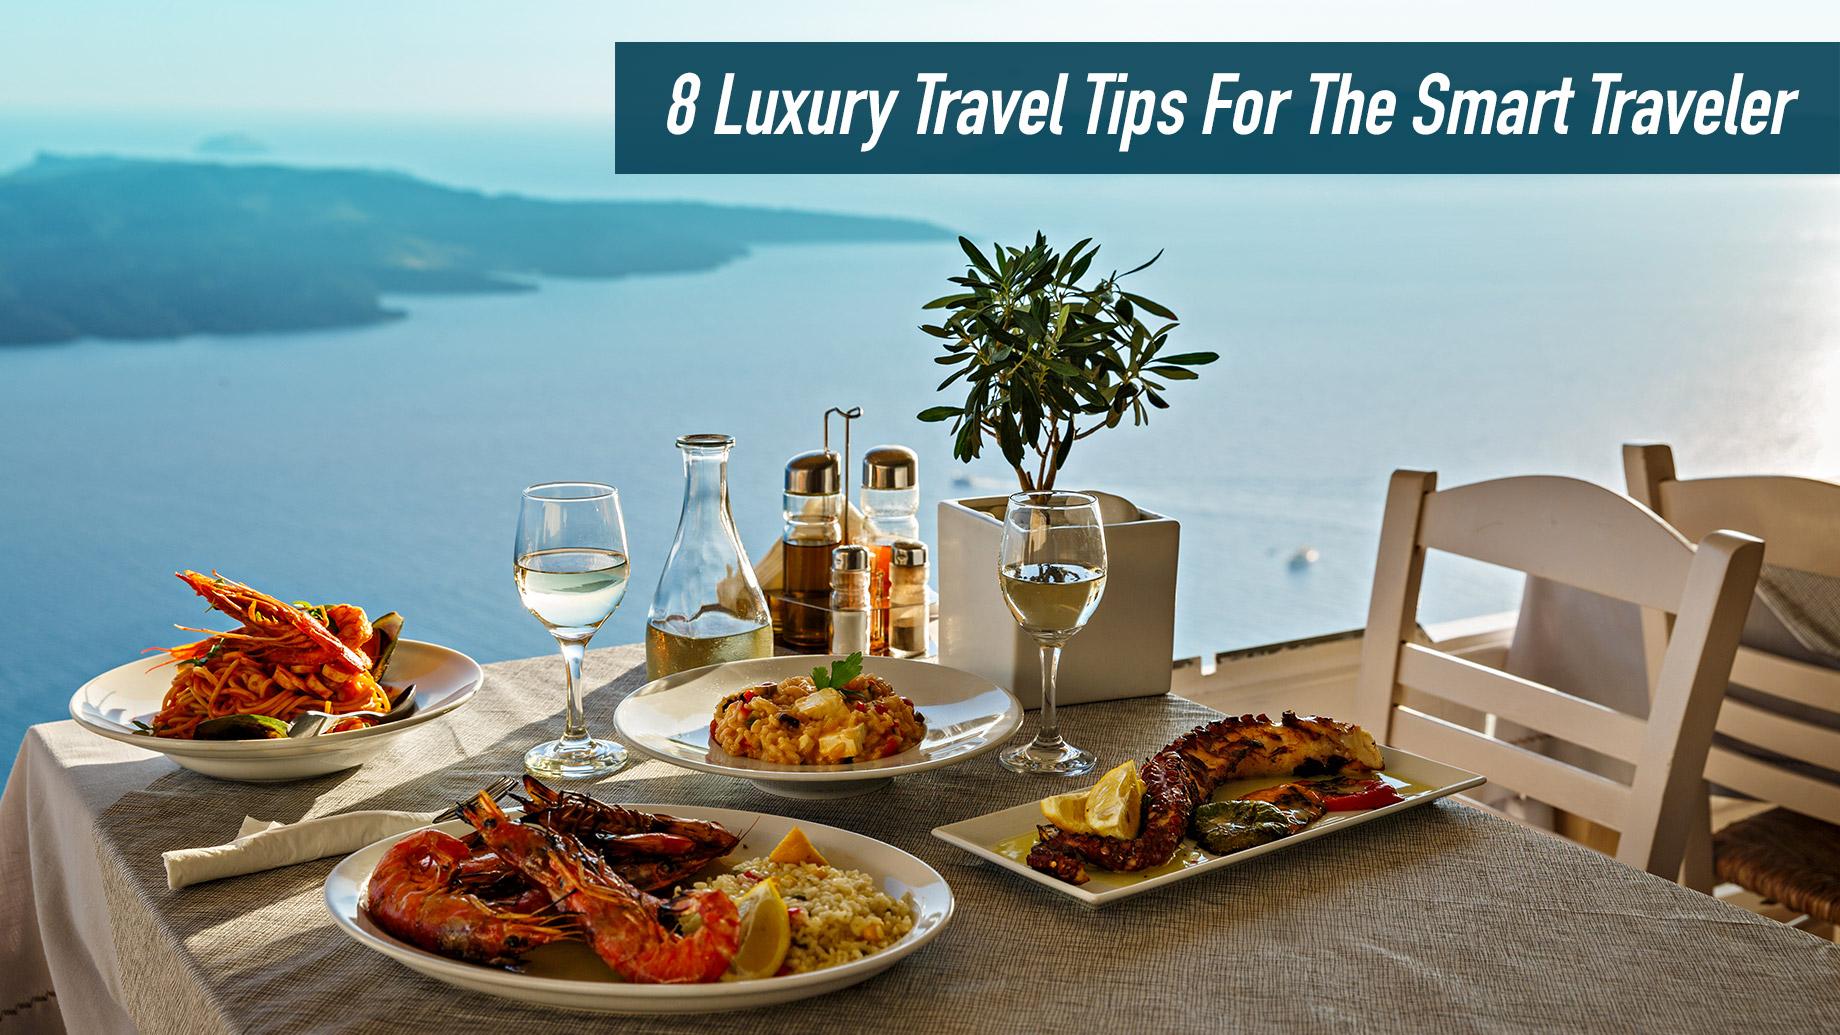 8 Luxury Travel Tips For The Smart Traveler